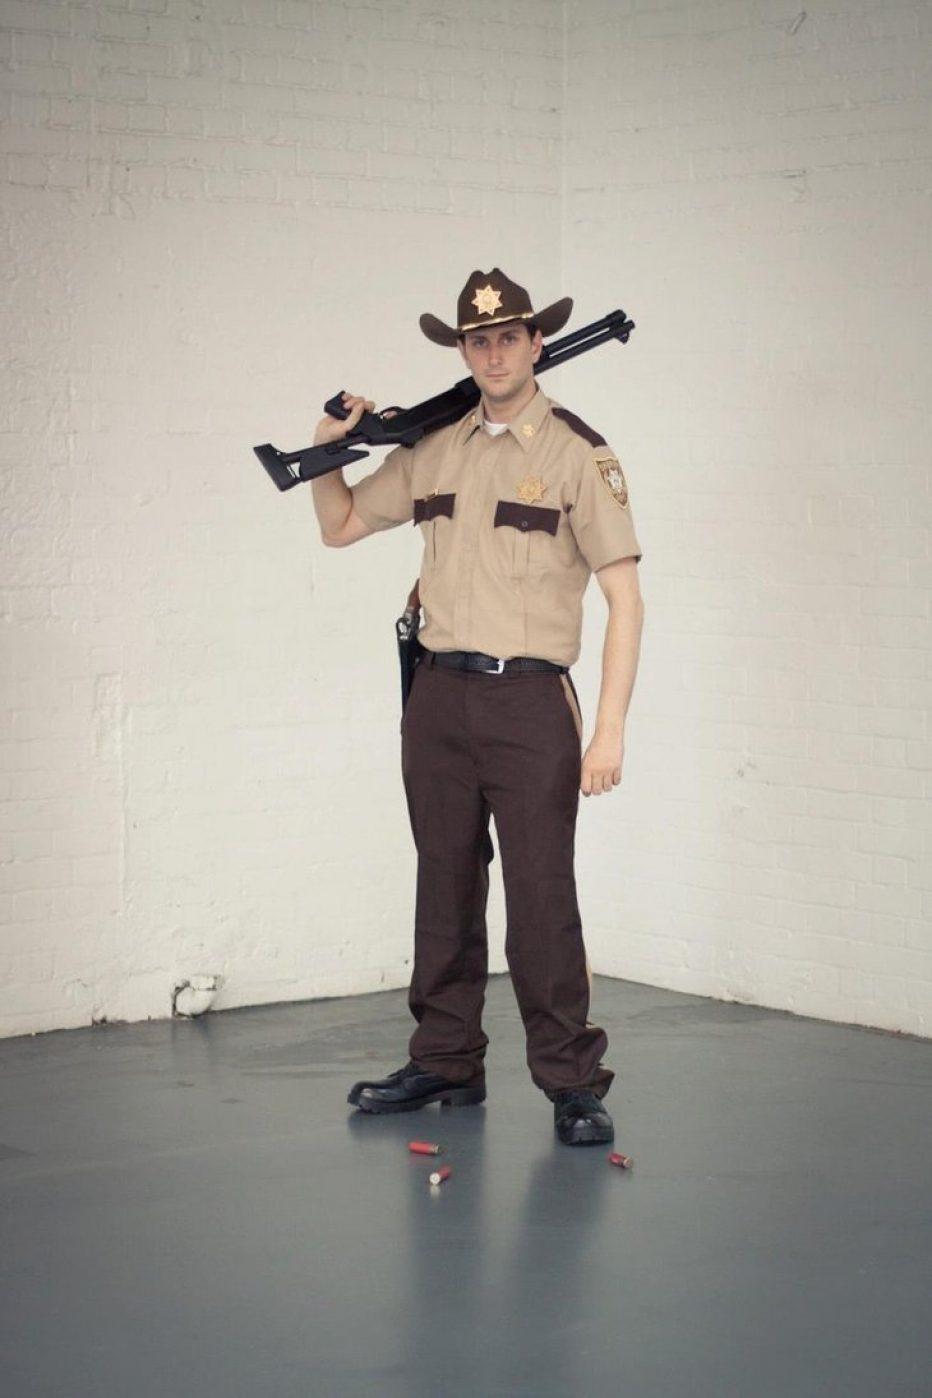 The-Walking-Dead-Rick-Grimes-Cosplay-Gamers-Heroes-3.jpg